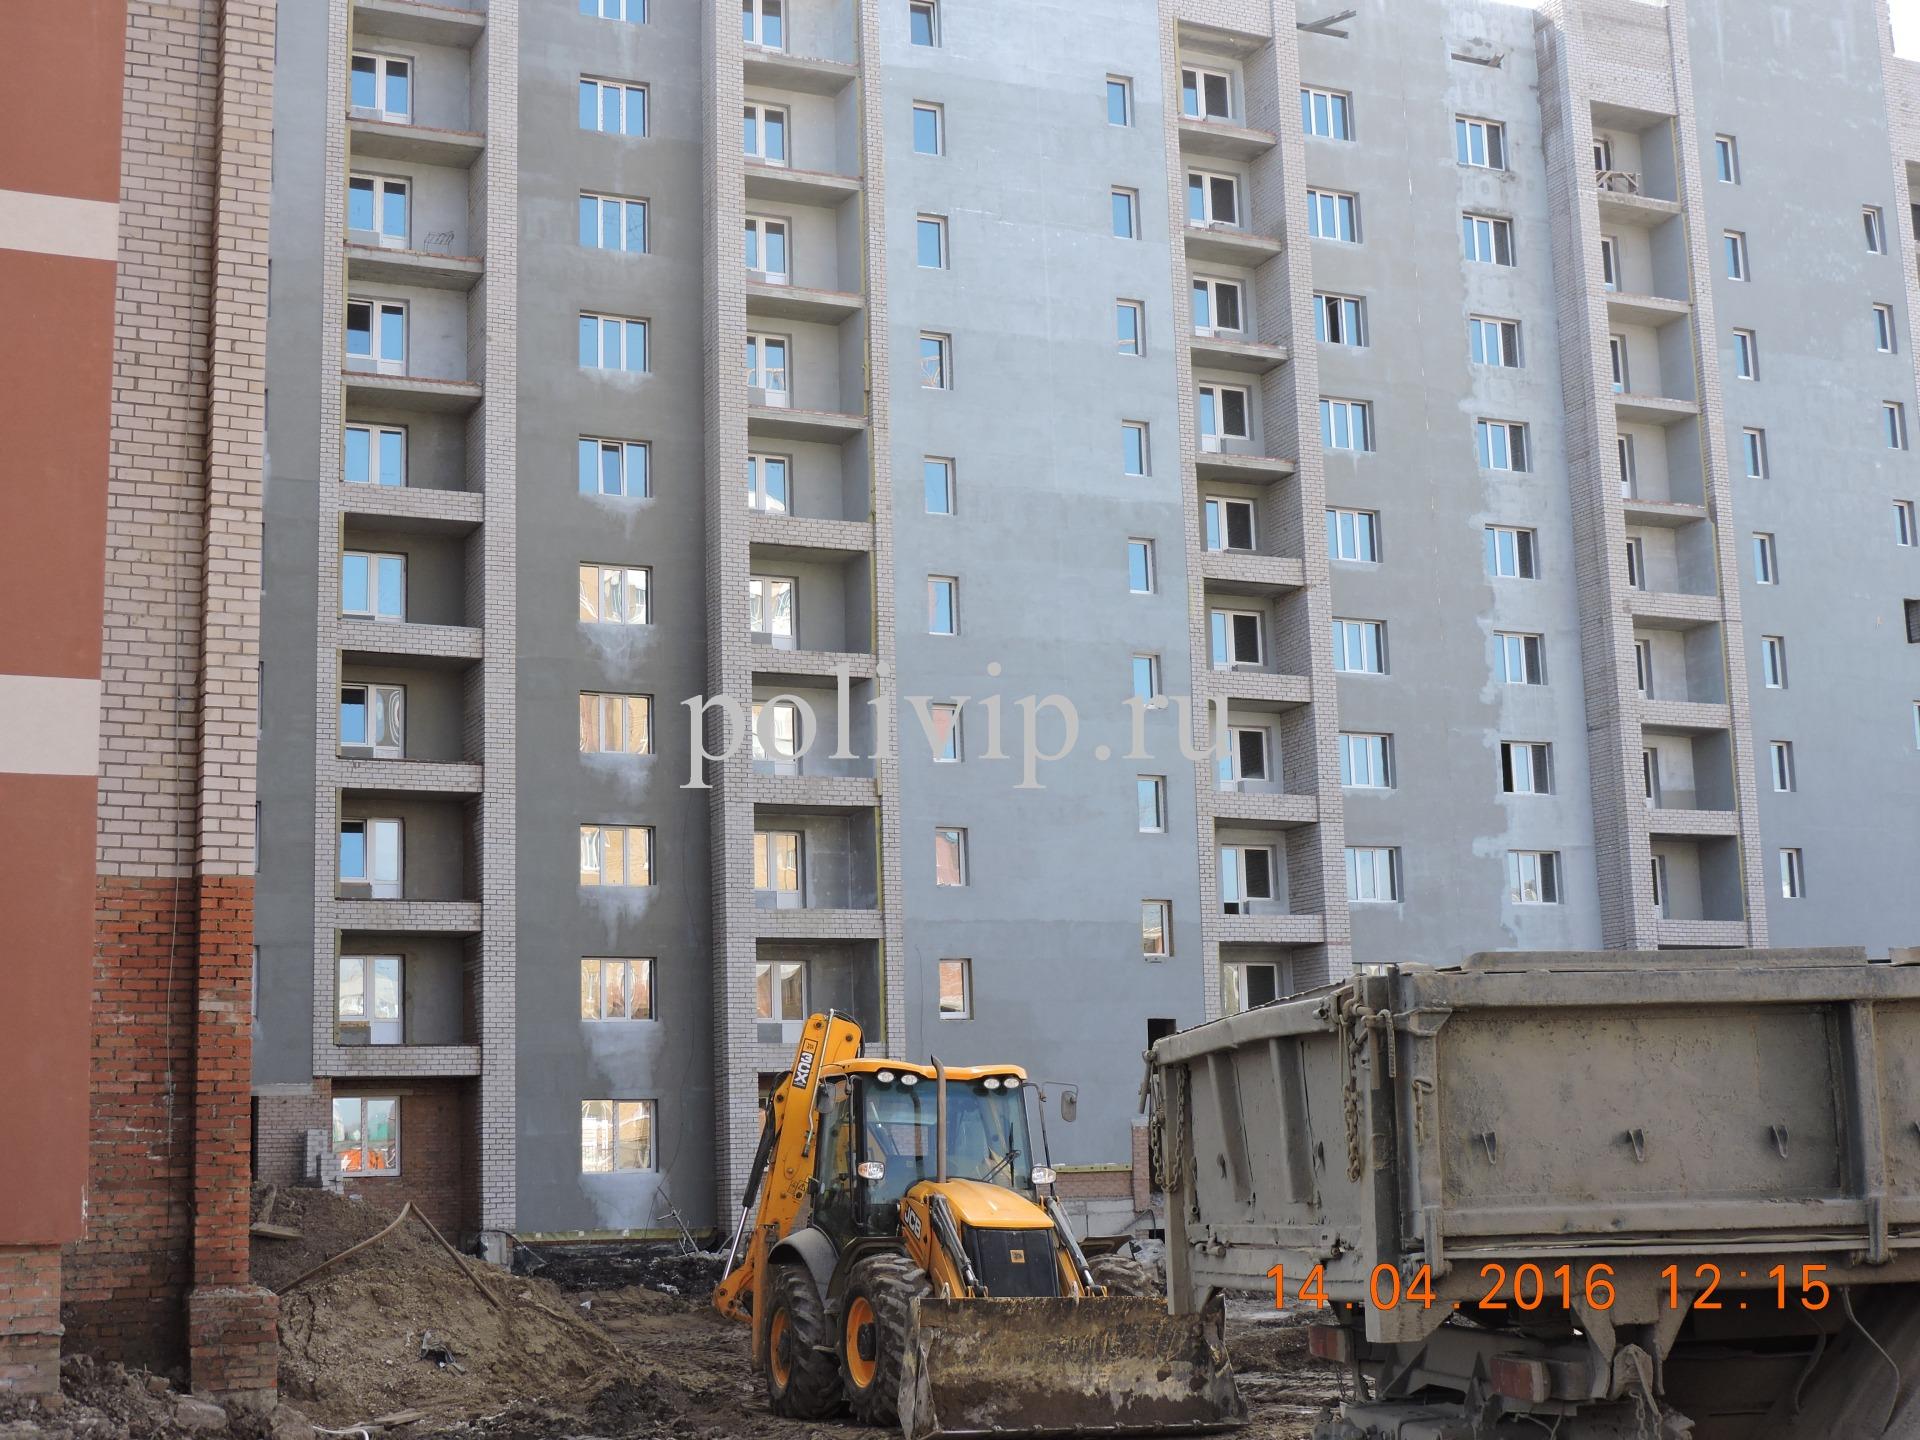 Интеграл строительная компания